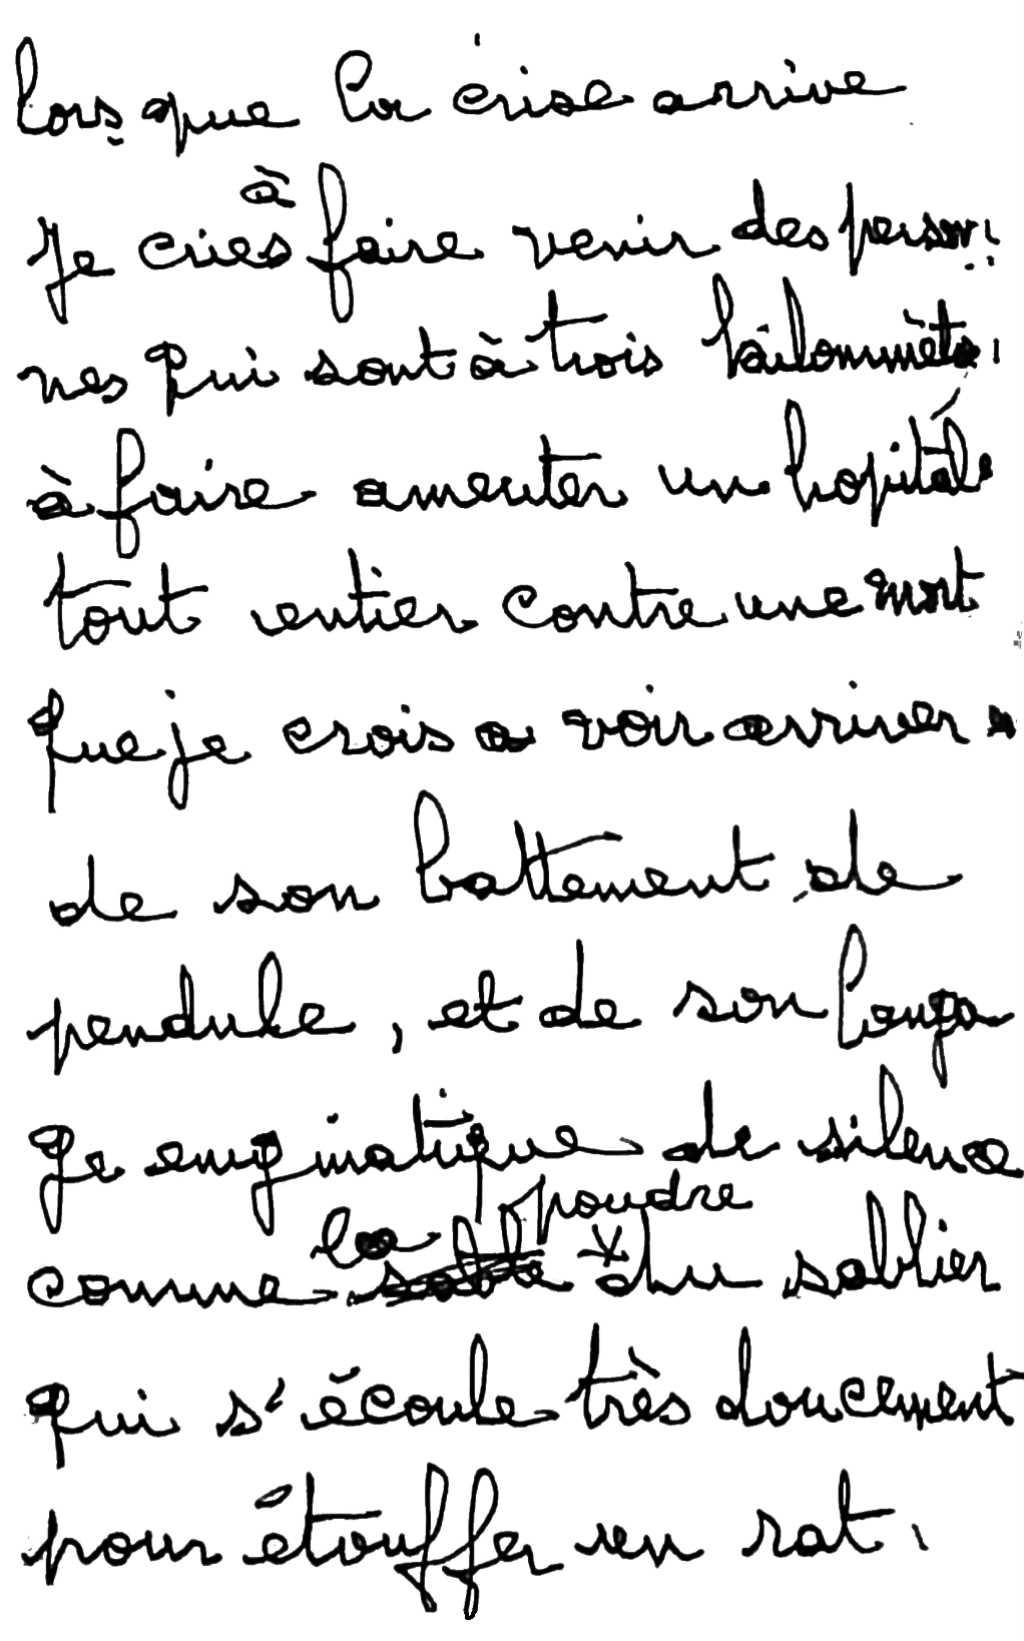 manuscrit du poème 2754